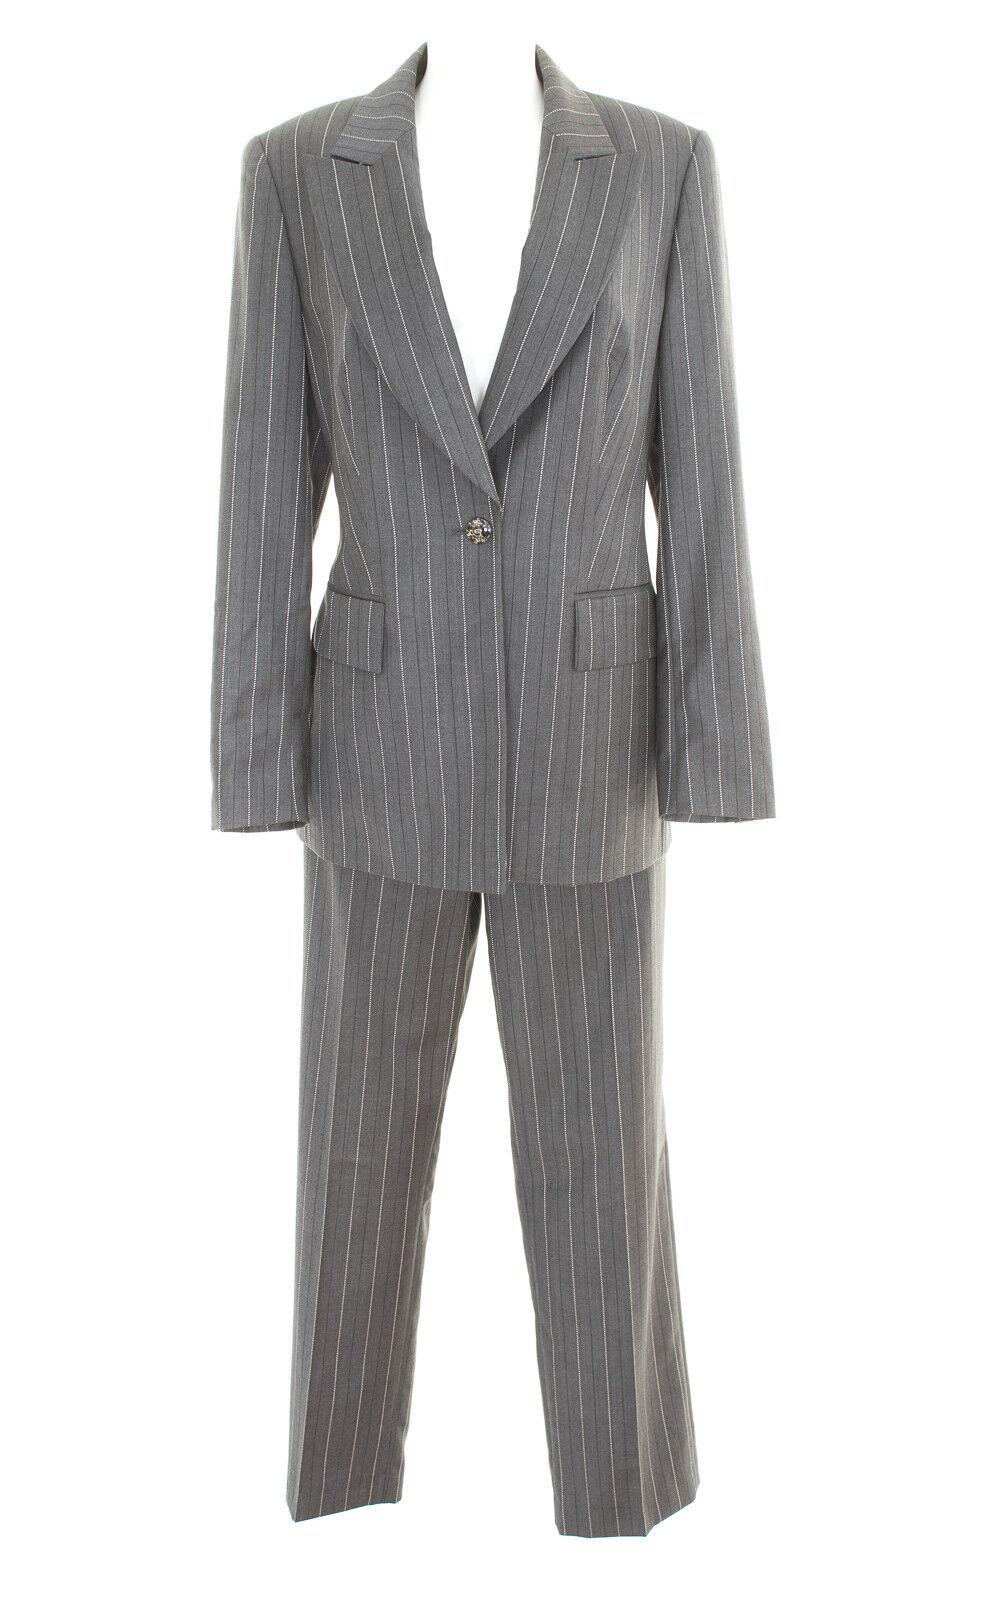 Escada Pantaloni vestito Taglia de 40 Blazer da Donna Pantaloni business suit GRIGIO BIANCO LANA SETA